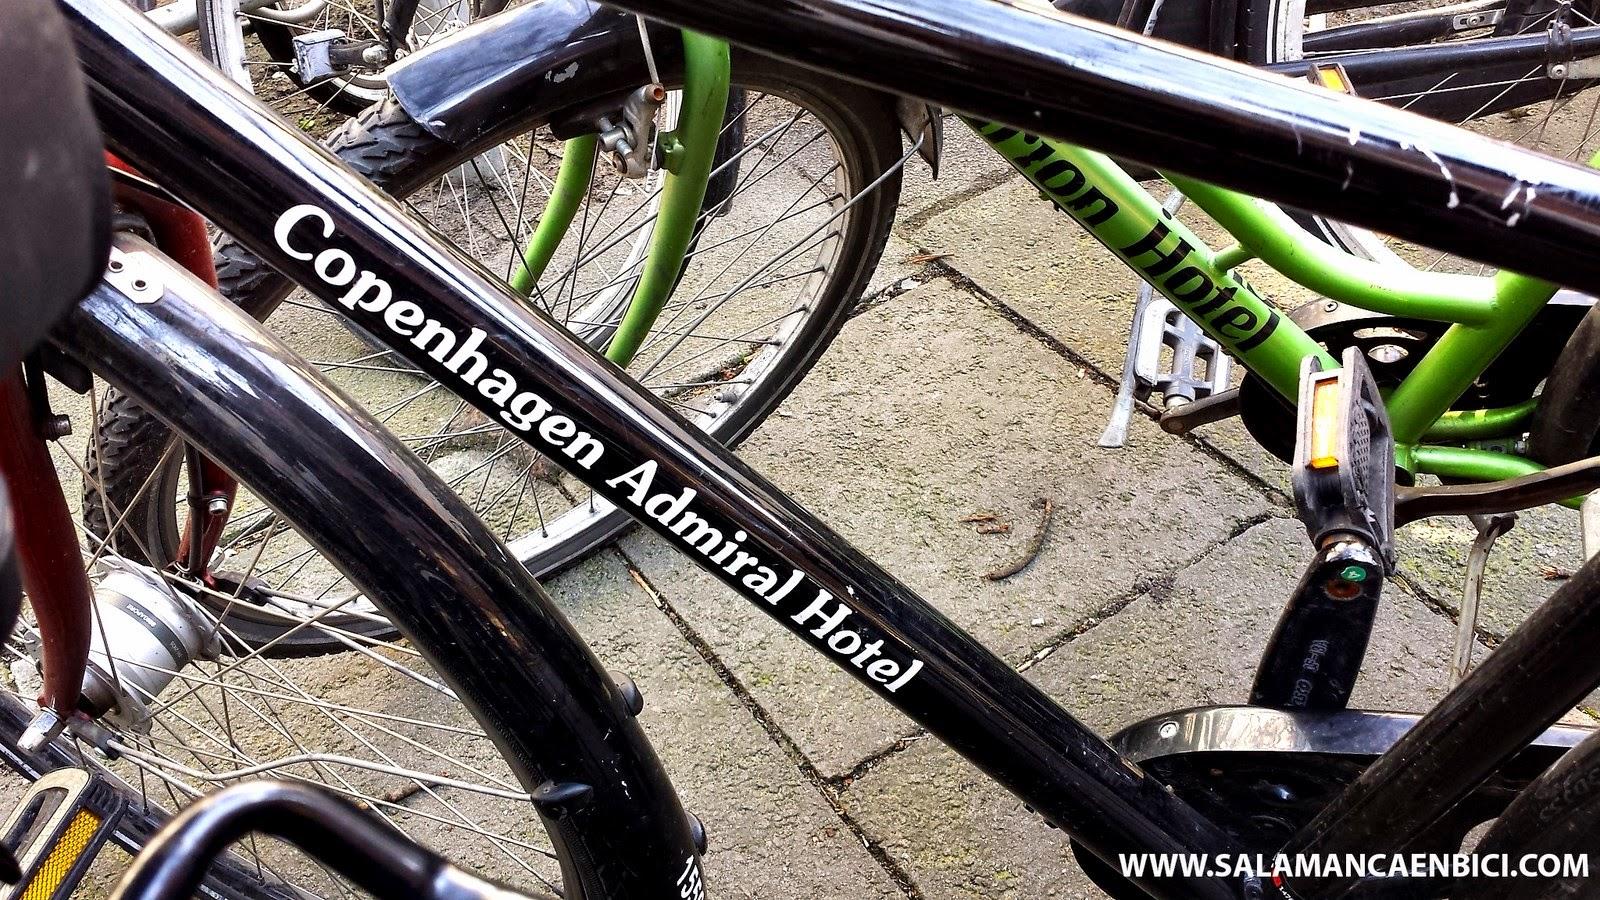 bikefriendly salamanca, hoteles y bici